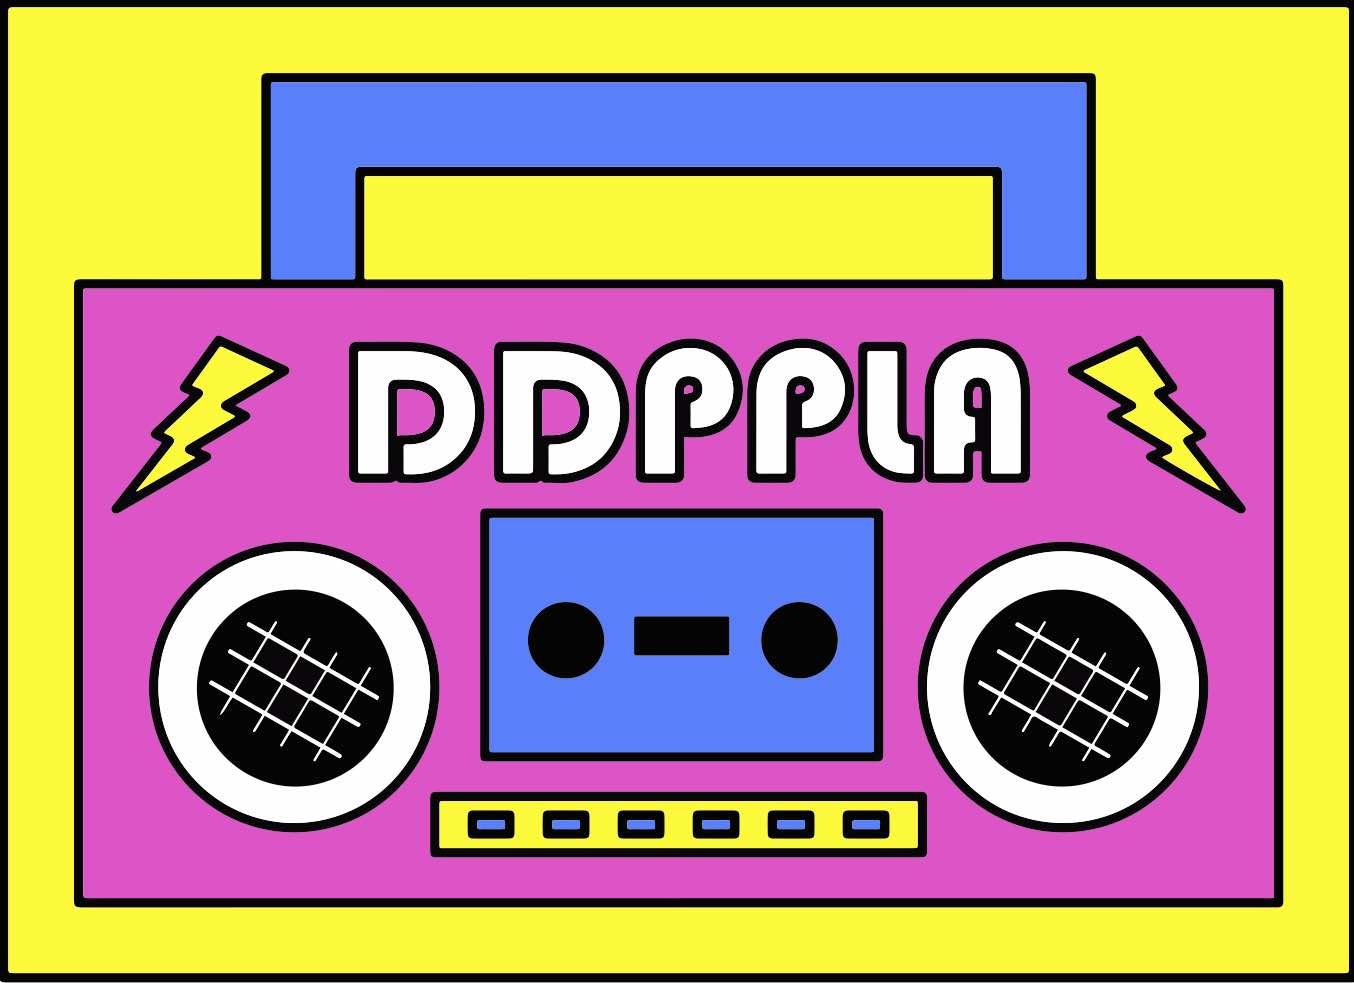 DDPPLA Logo.jpg